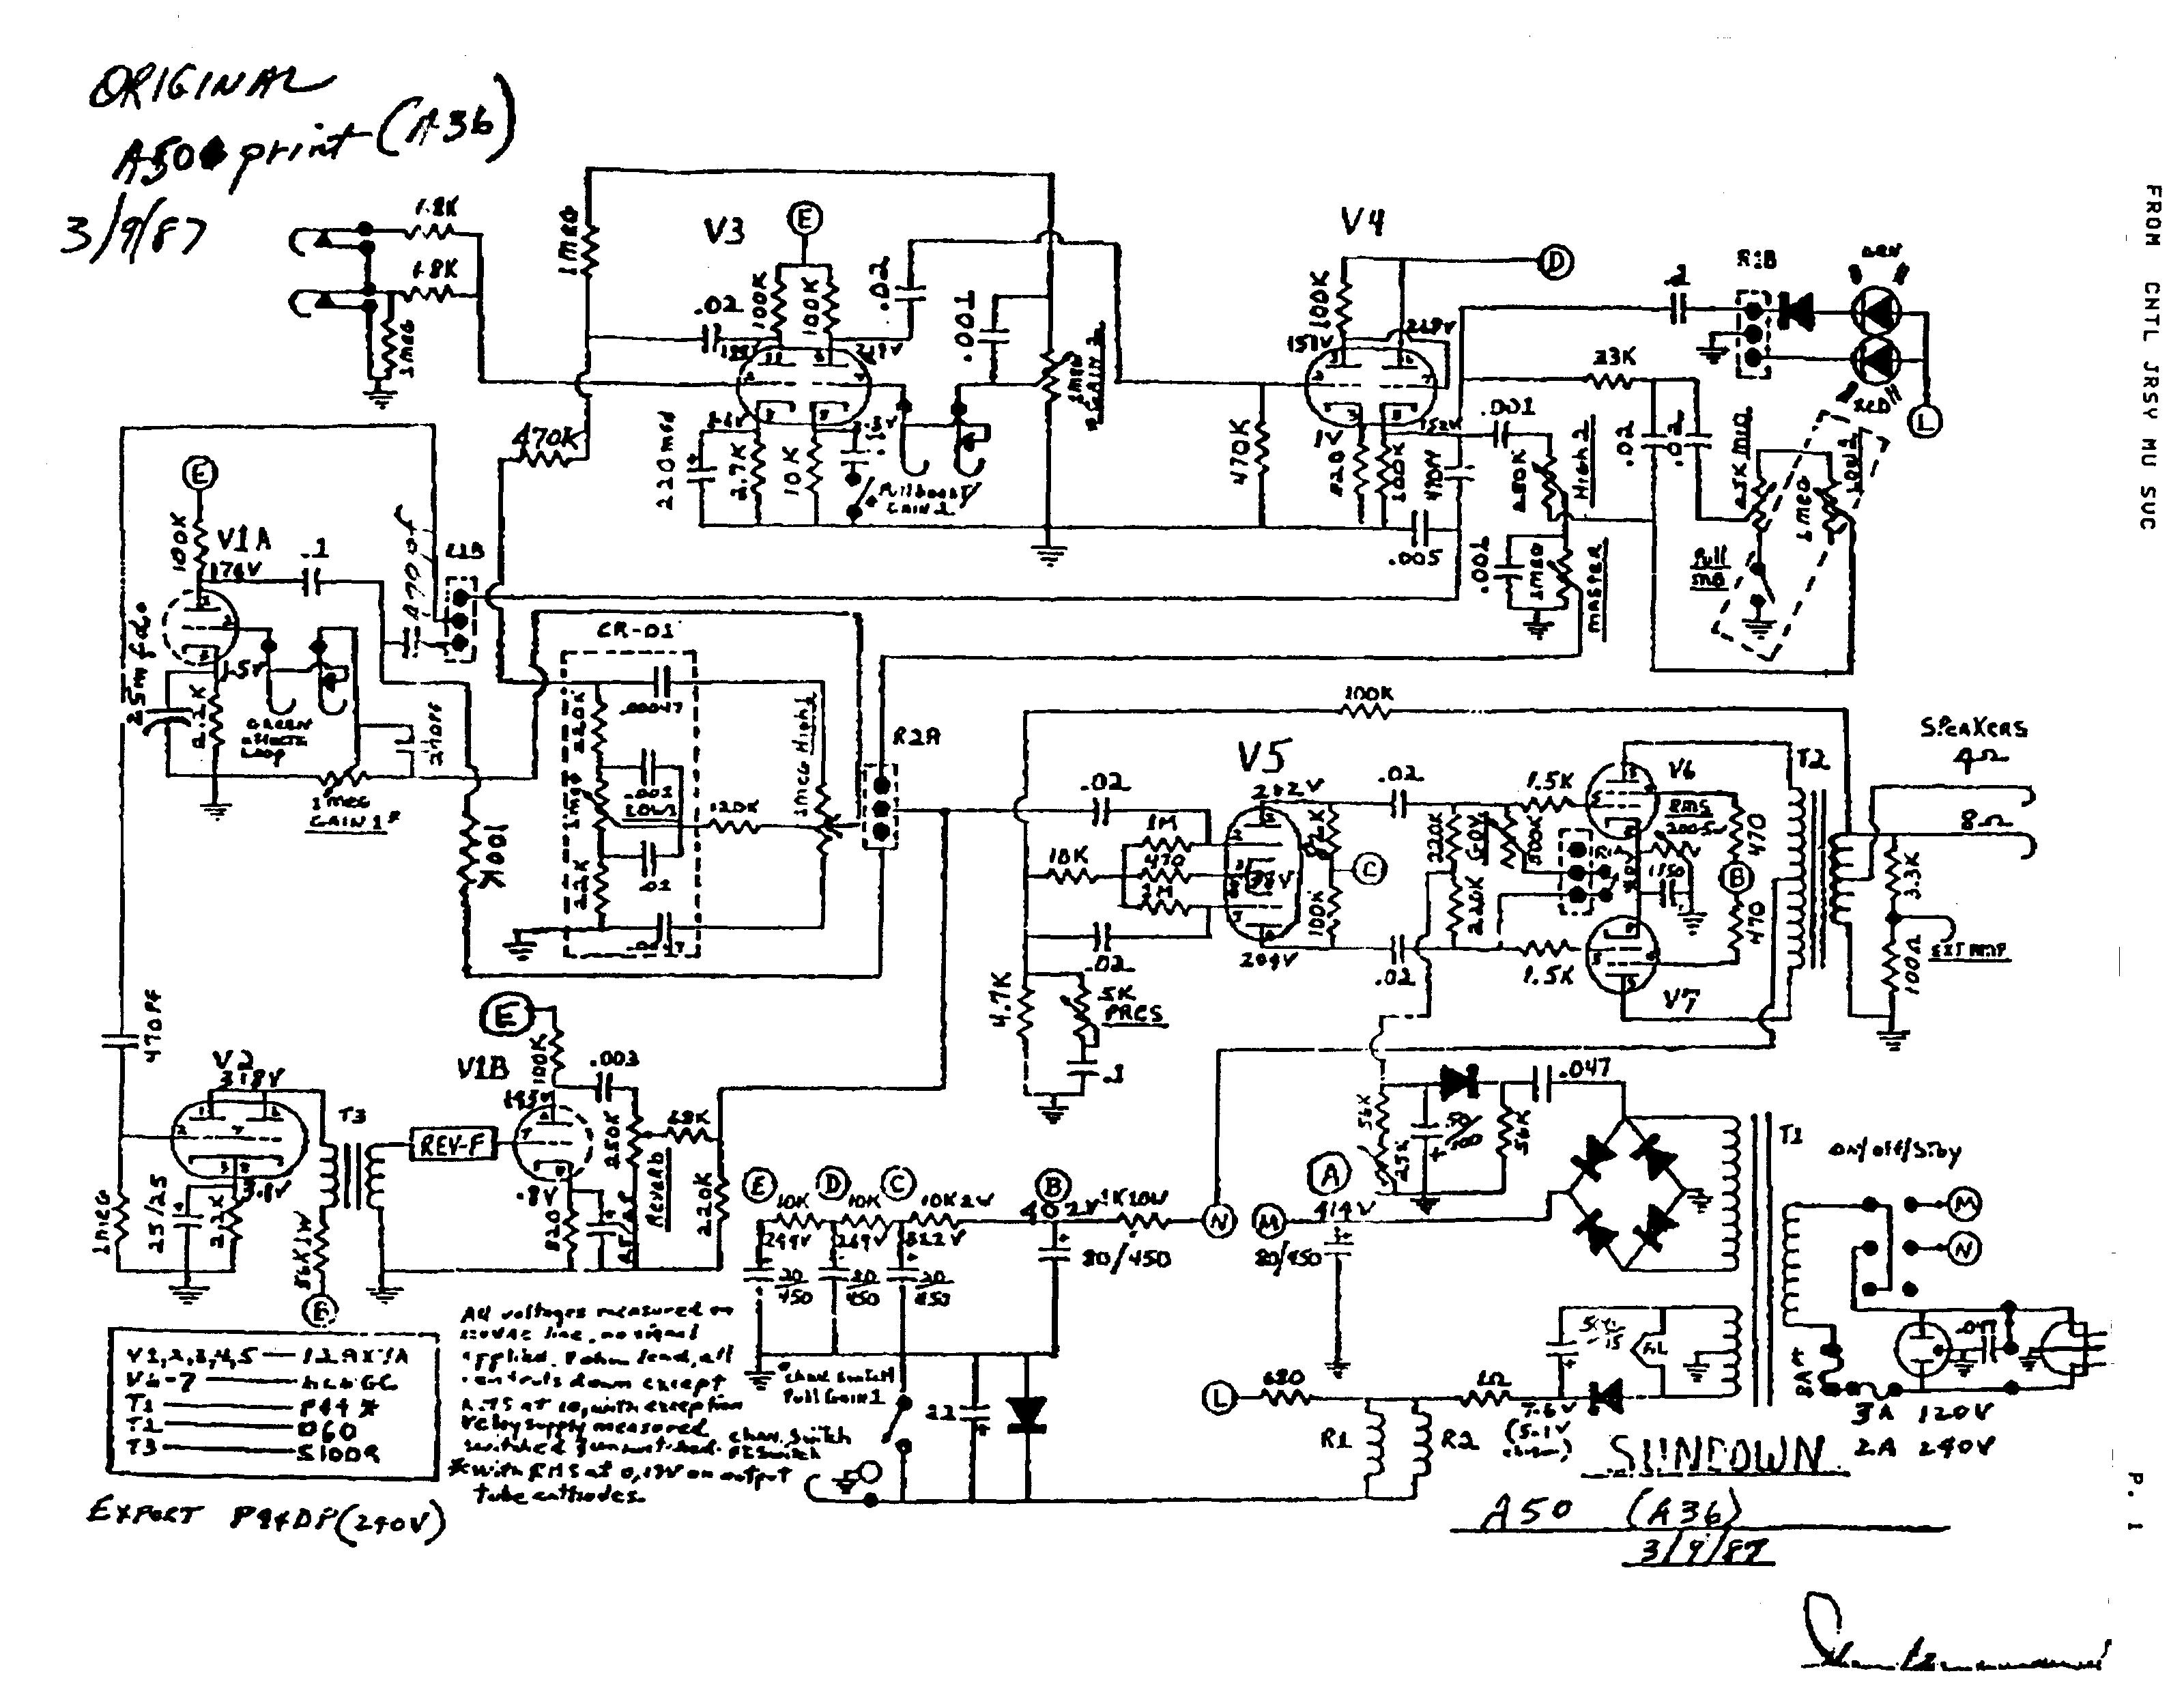 Sundown A-50 schematic